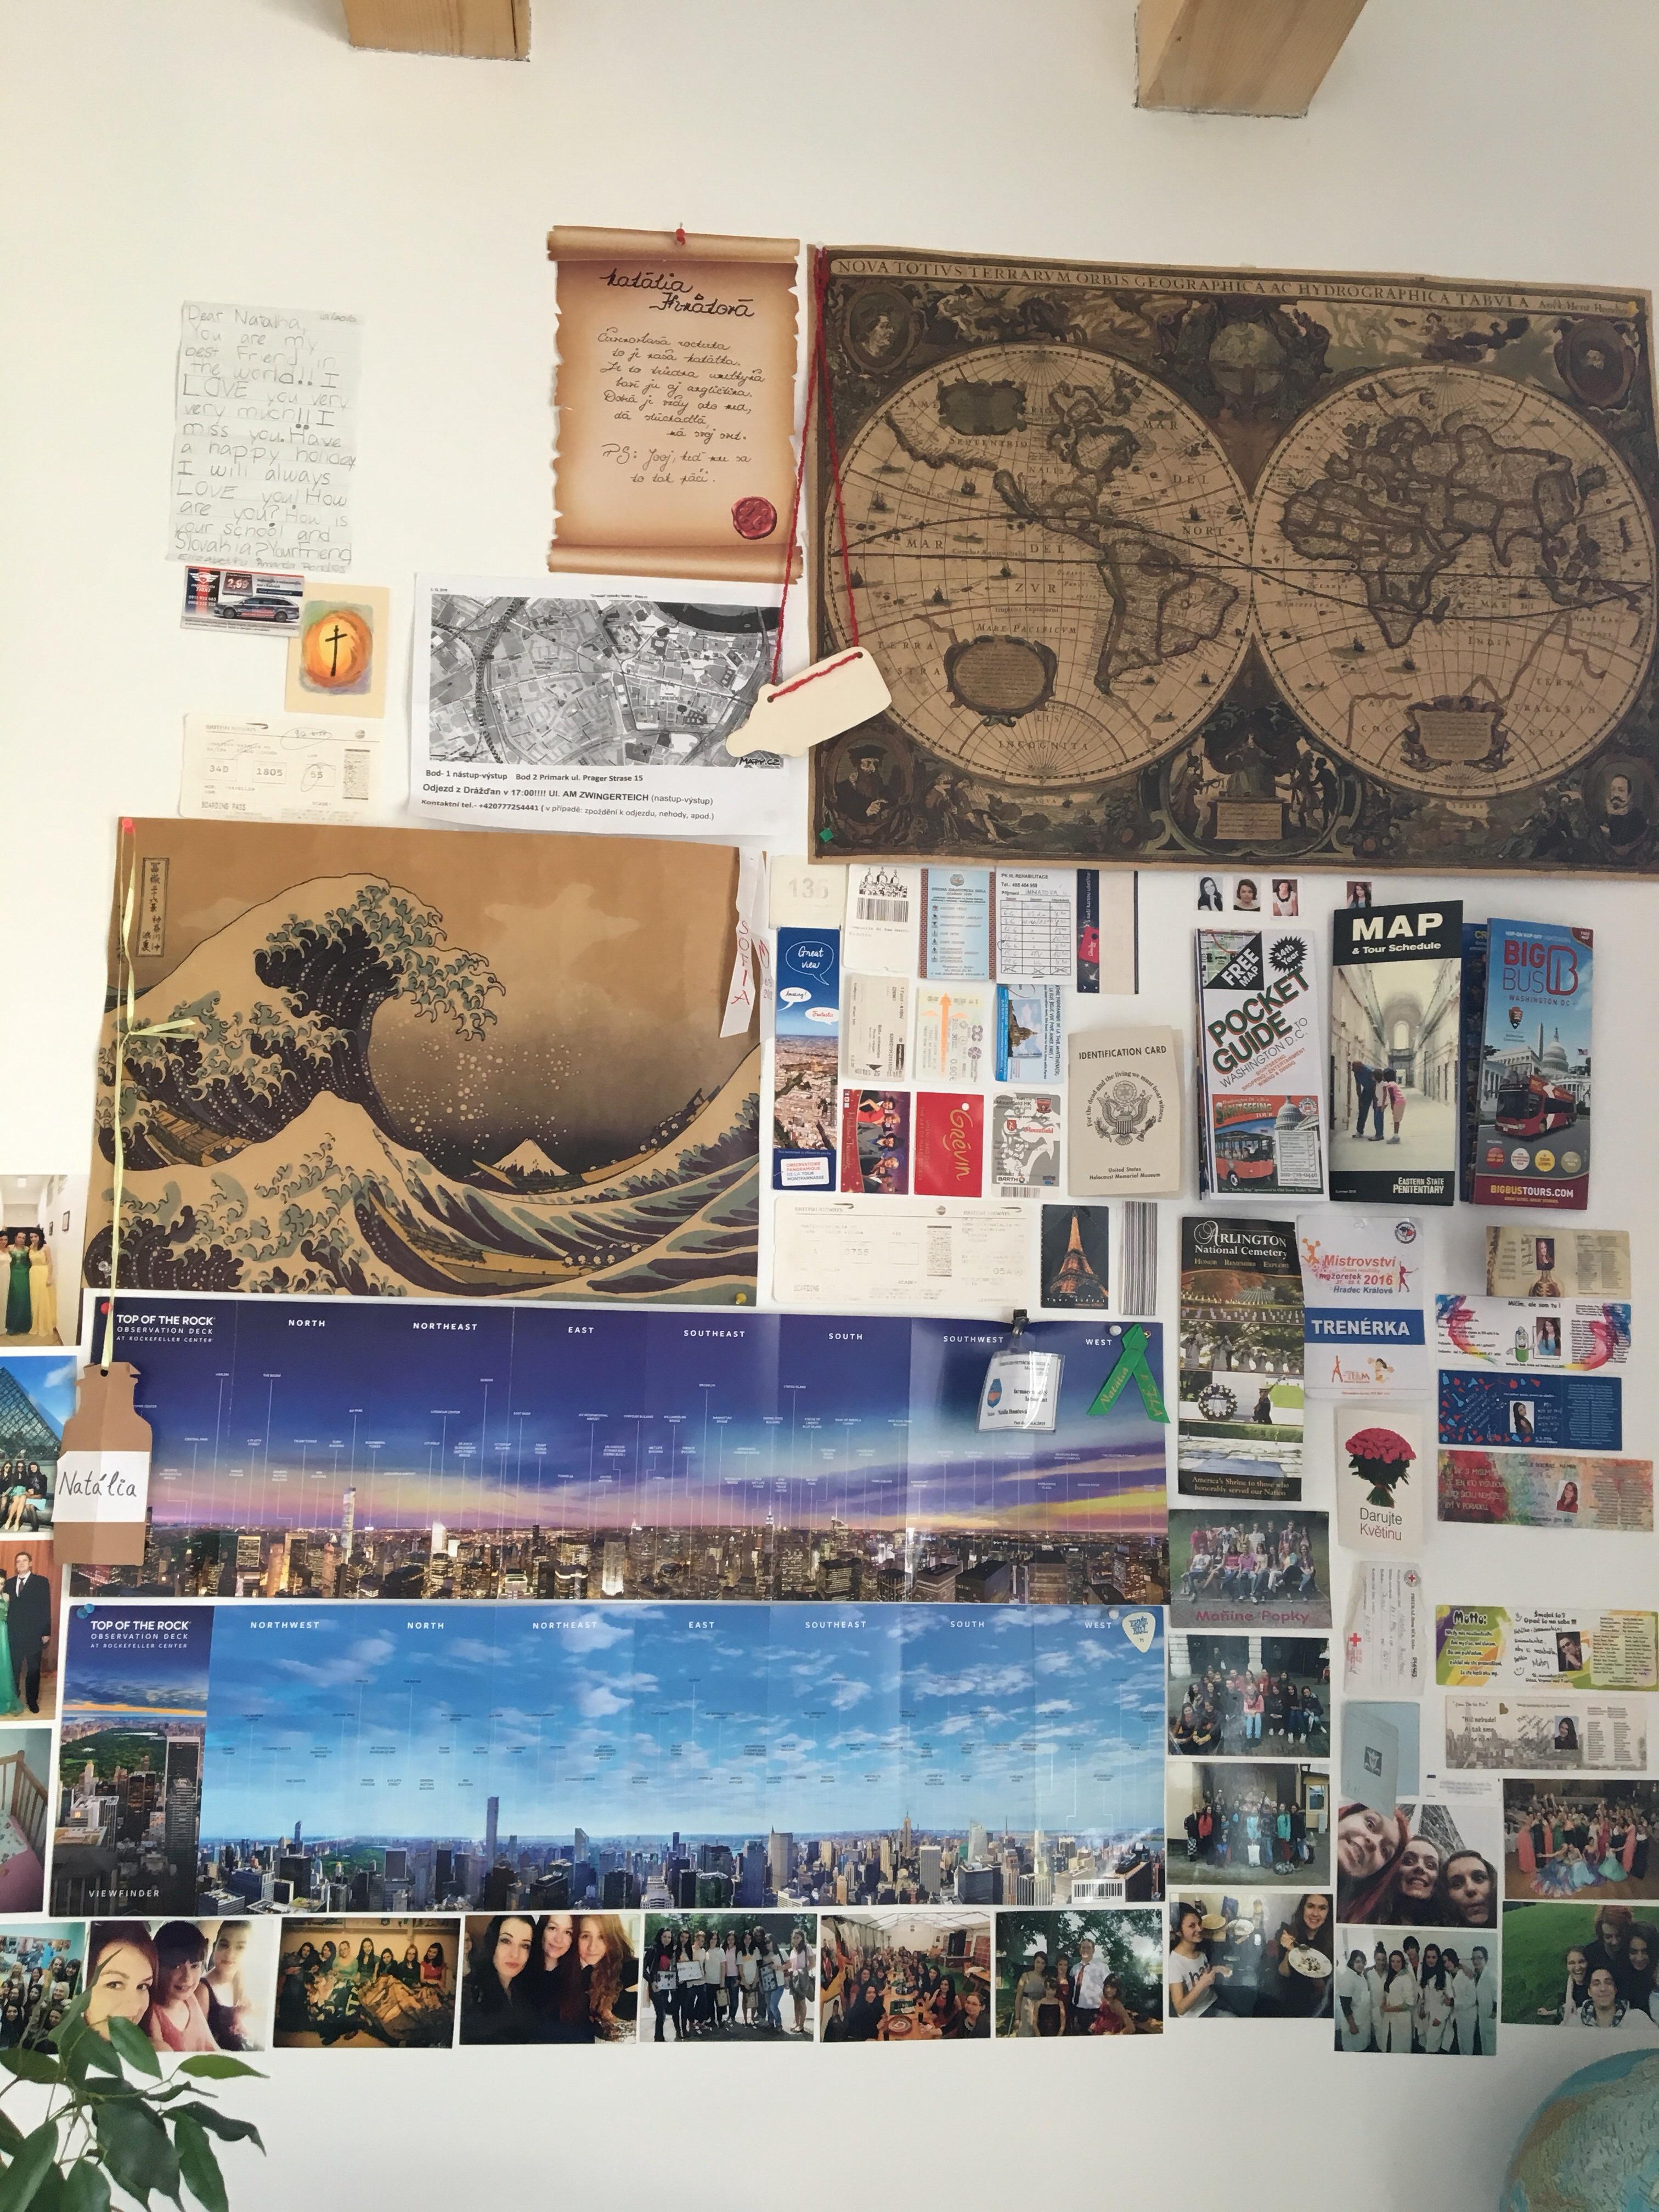 Down memory lane wall